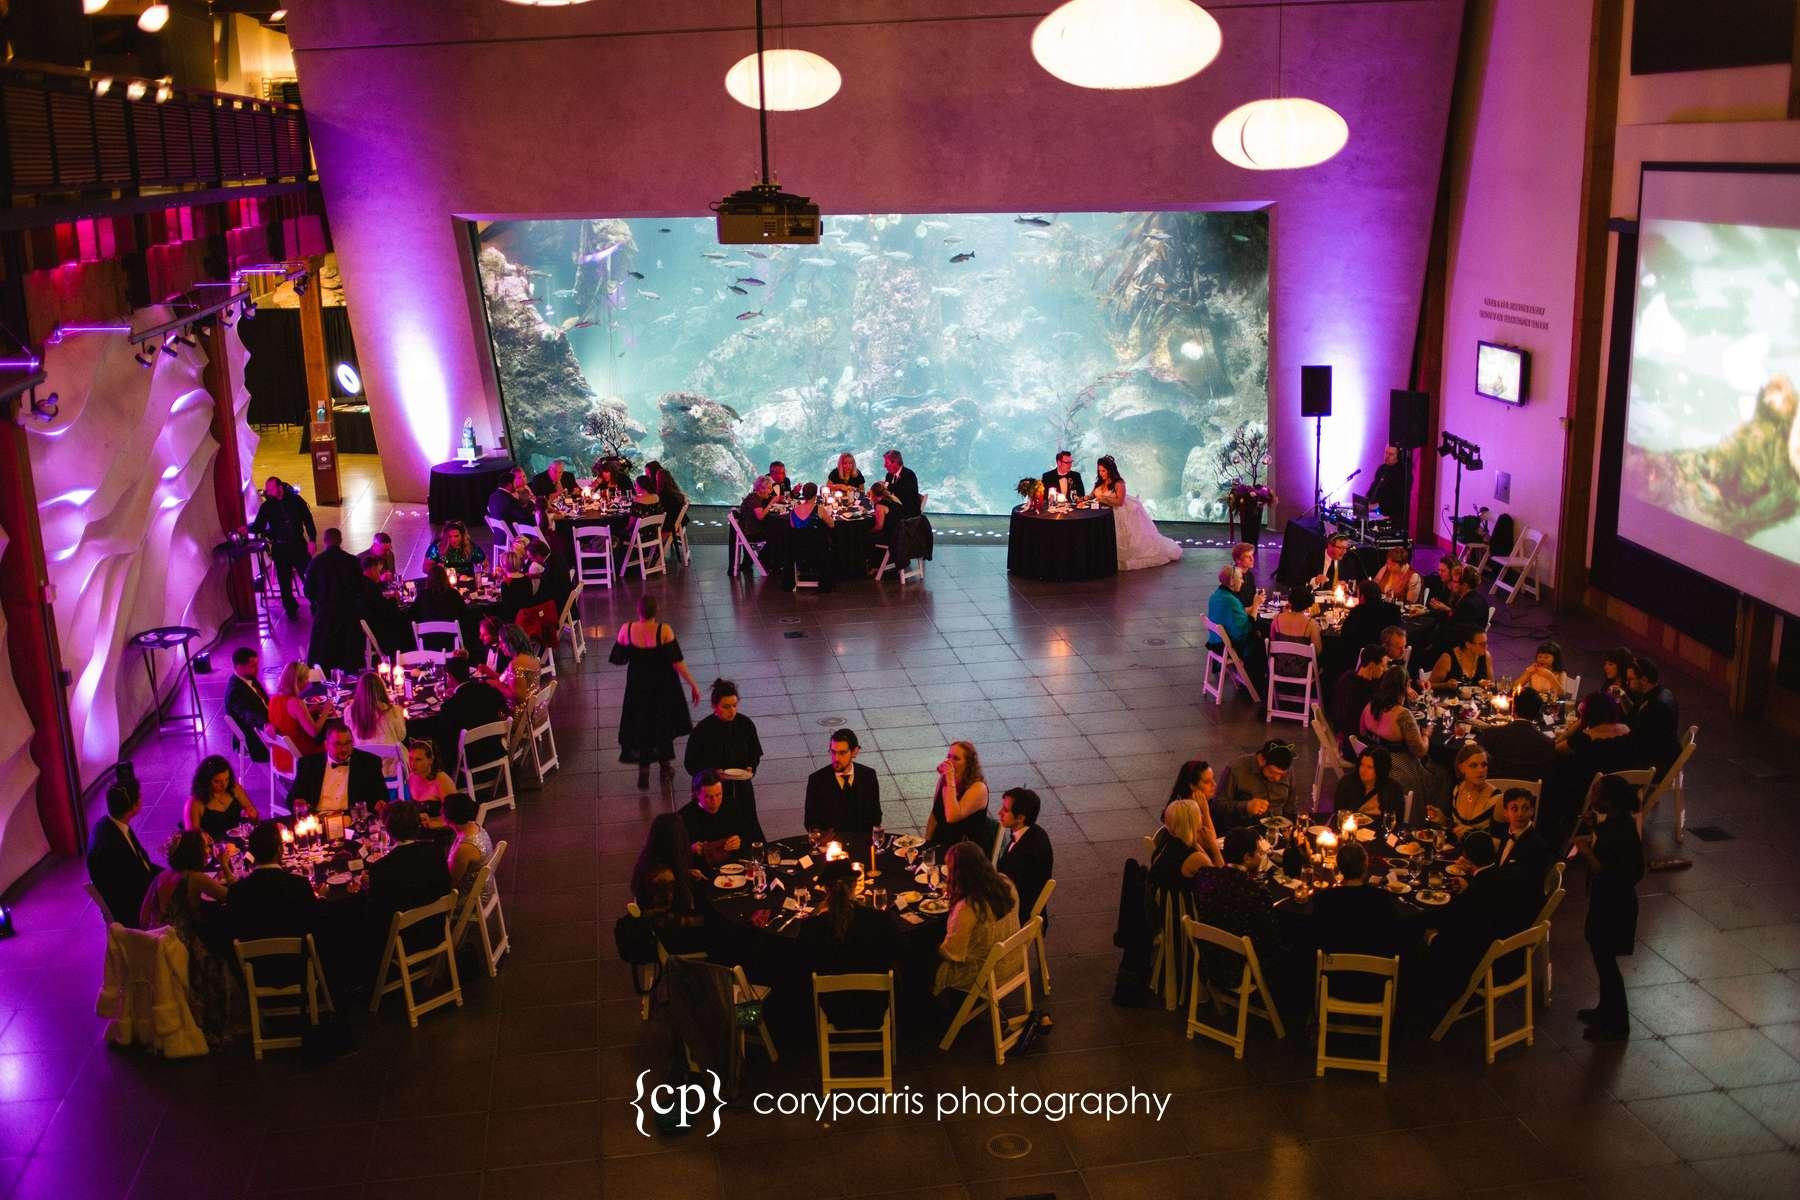 Wedding reception at the Seattle Aquarium